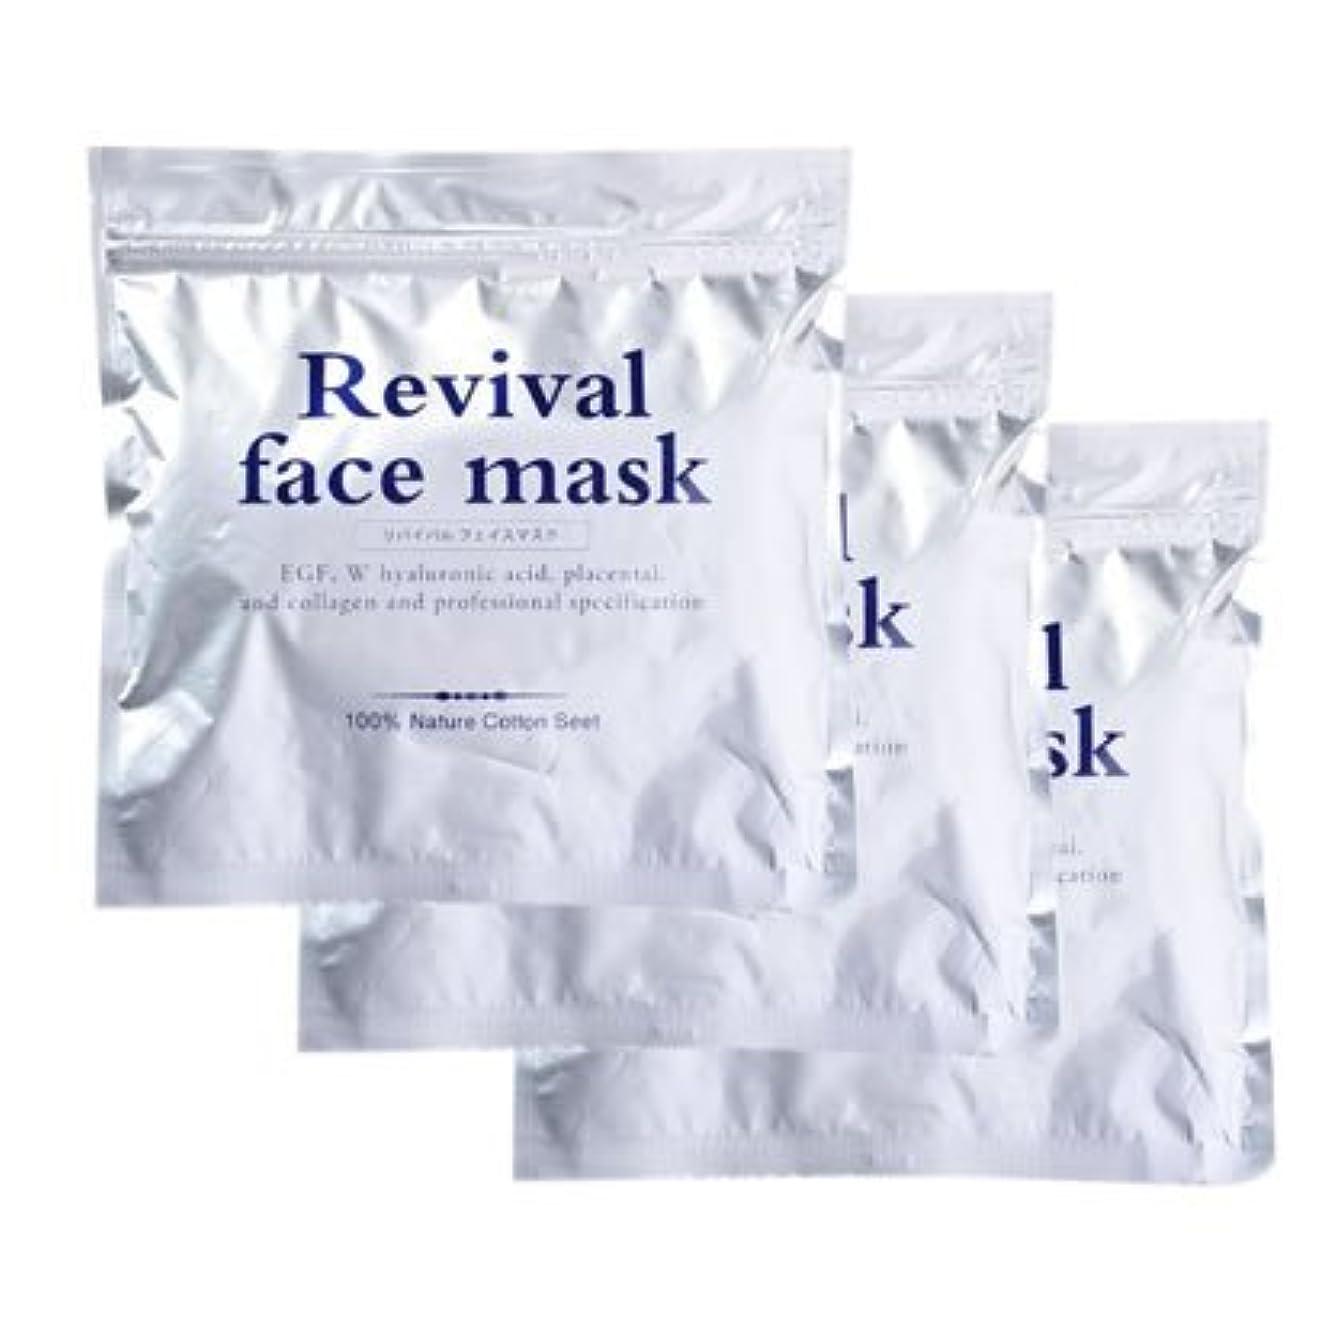 お香気晴らしナチュラルリバイバルフェイスマスク 90枚セット(30枚×3袋)